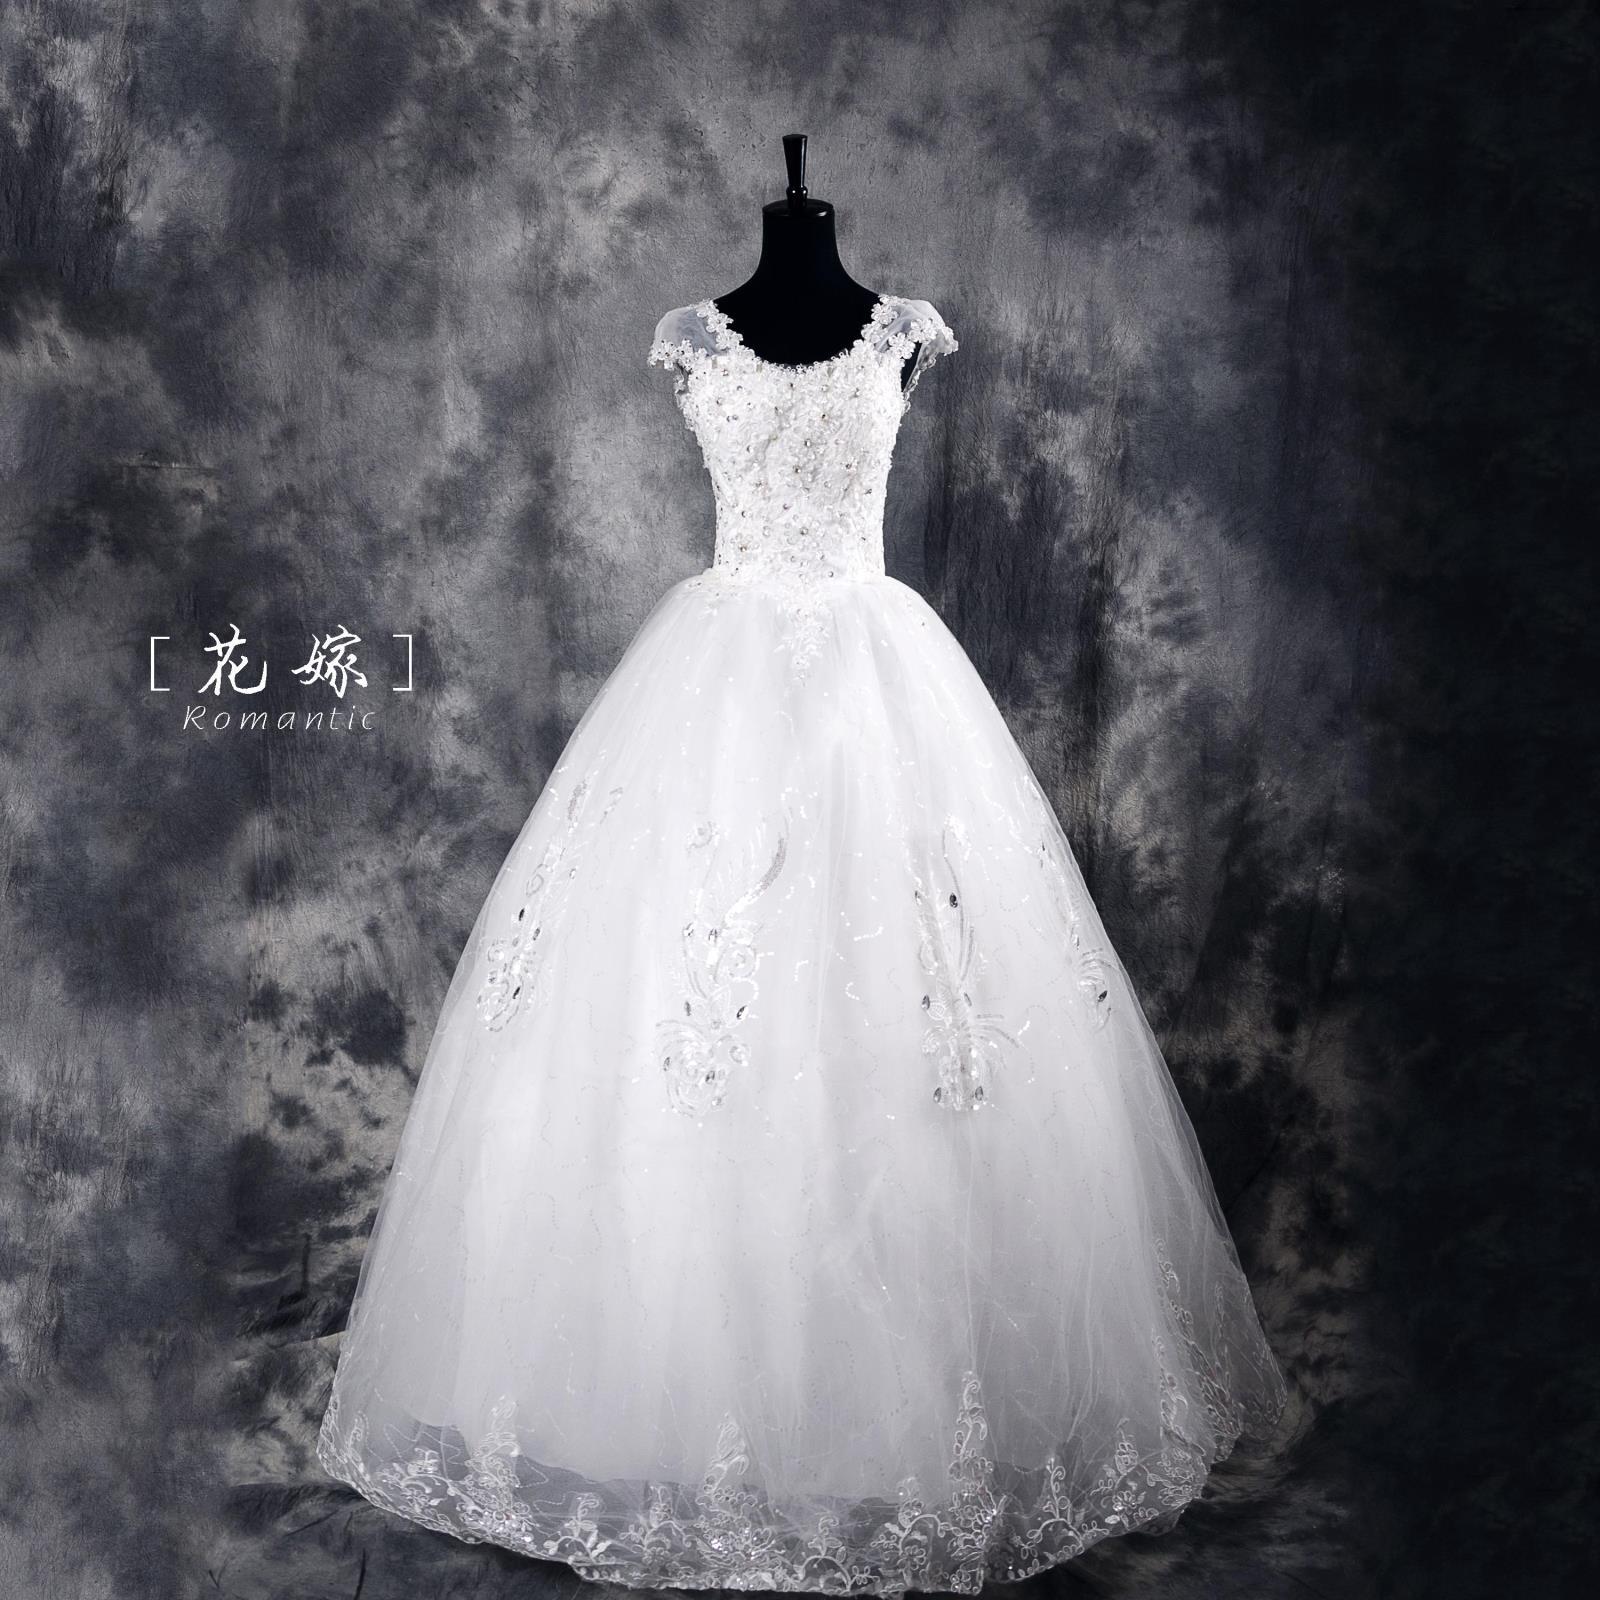 婚纱2015年春礼服有袖款镶钻修身显瘦女装新款简约花嫁户外草坪